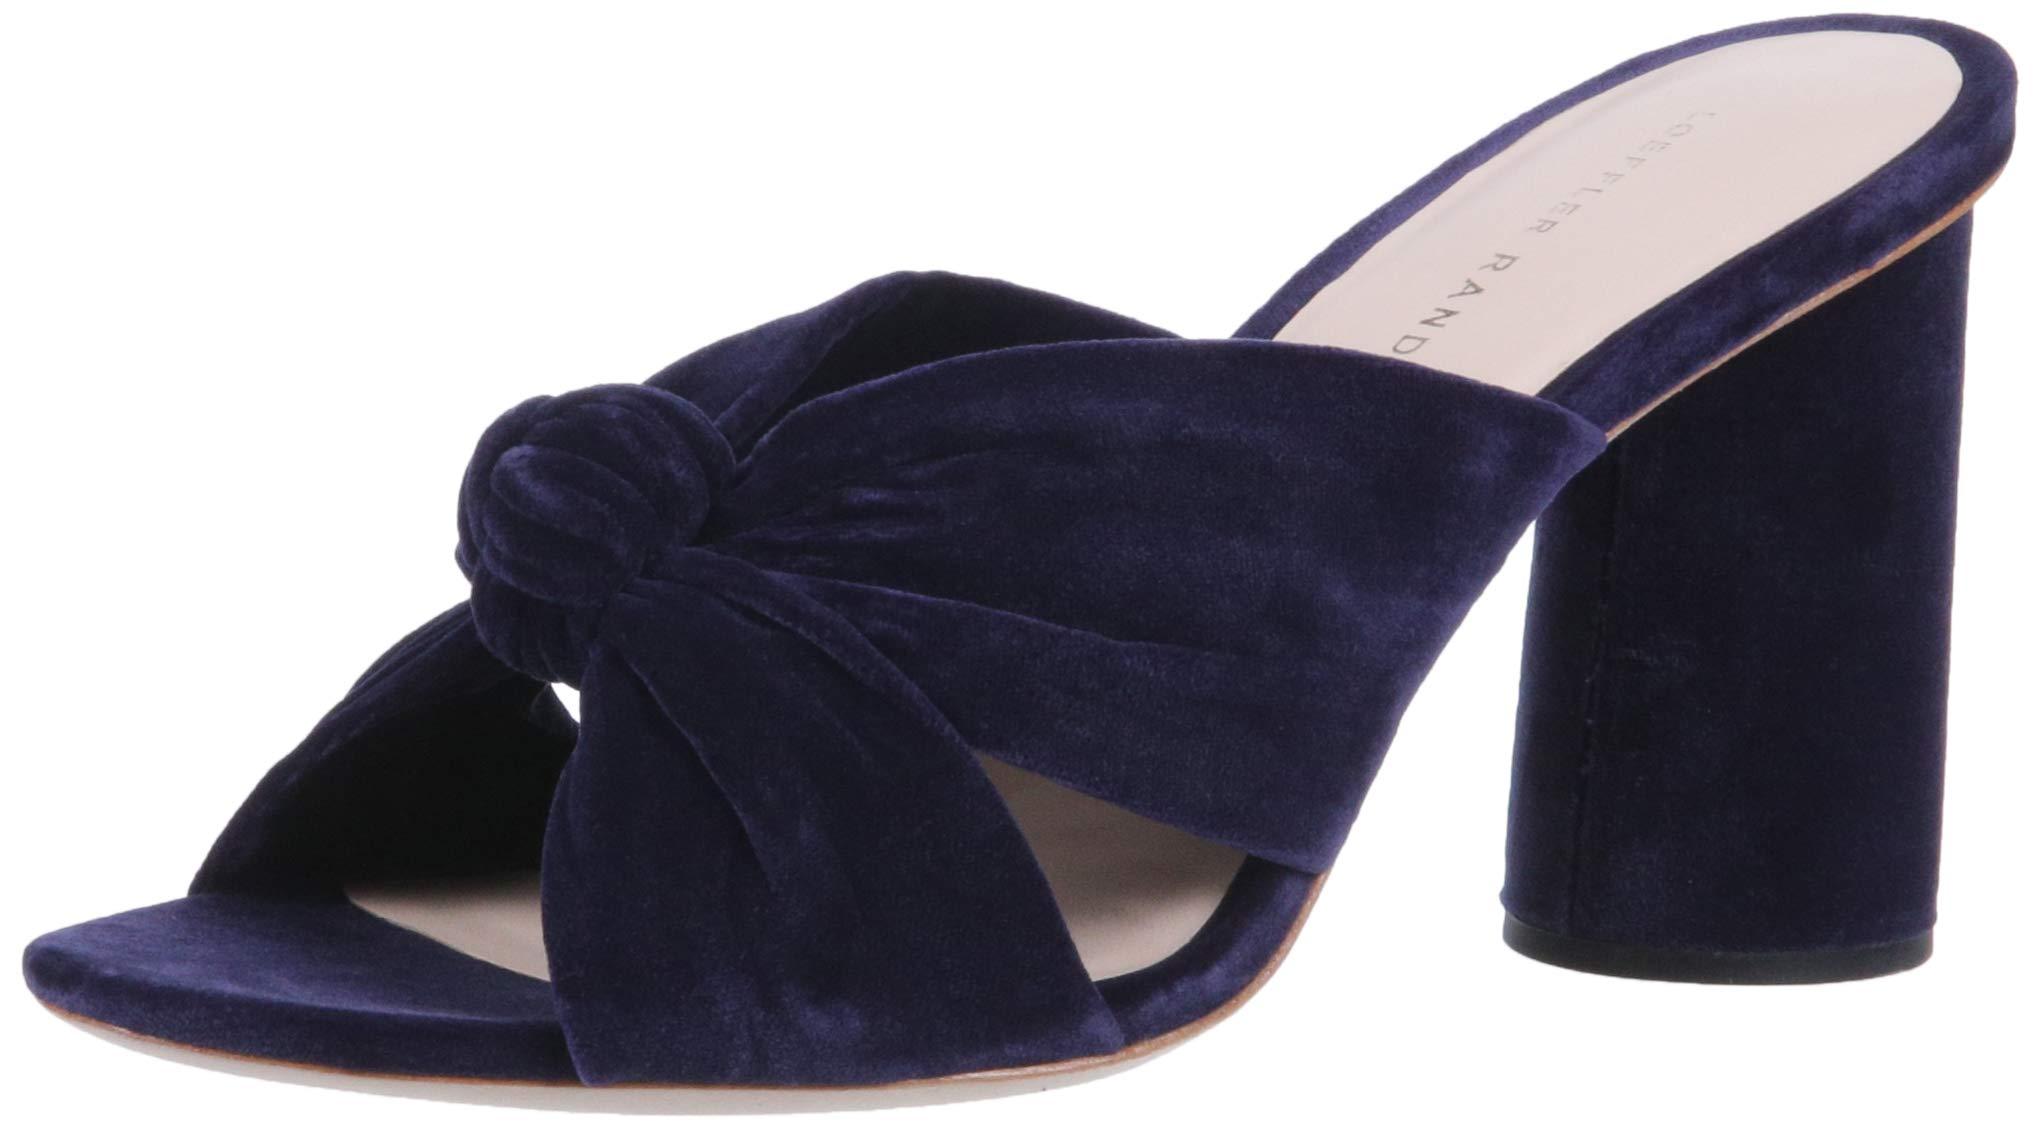 Loeffler Randall Women's Coco-VL Slide Sandal, Eclipse, 7 Medium US